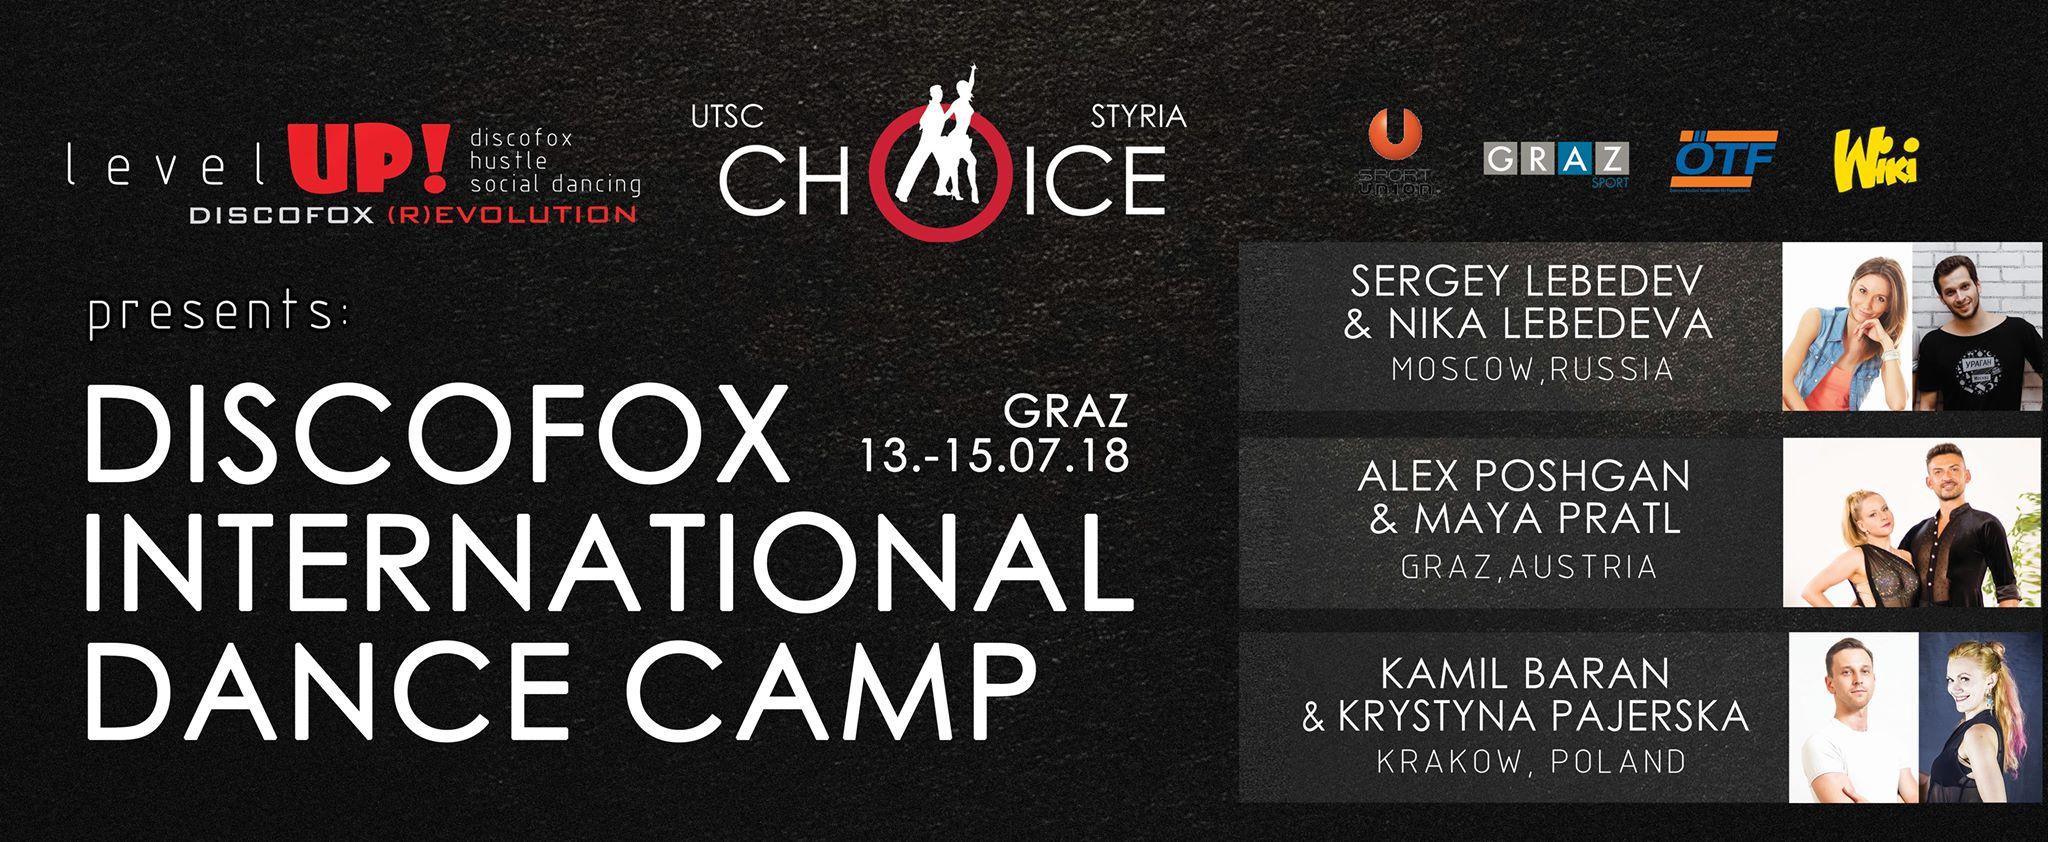 discofox camp